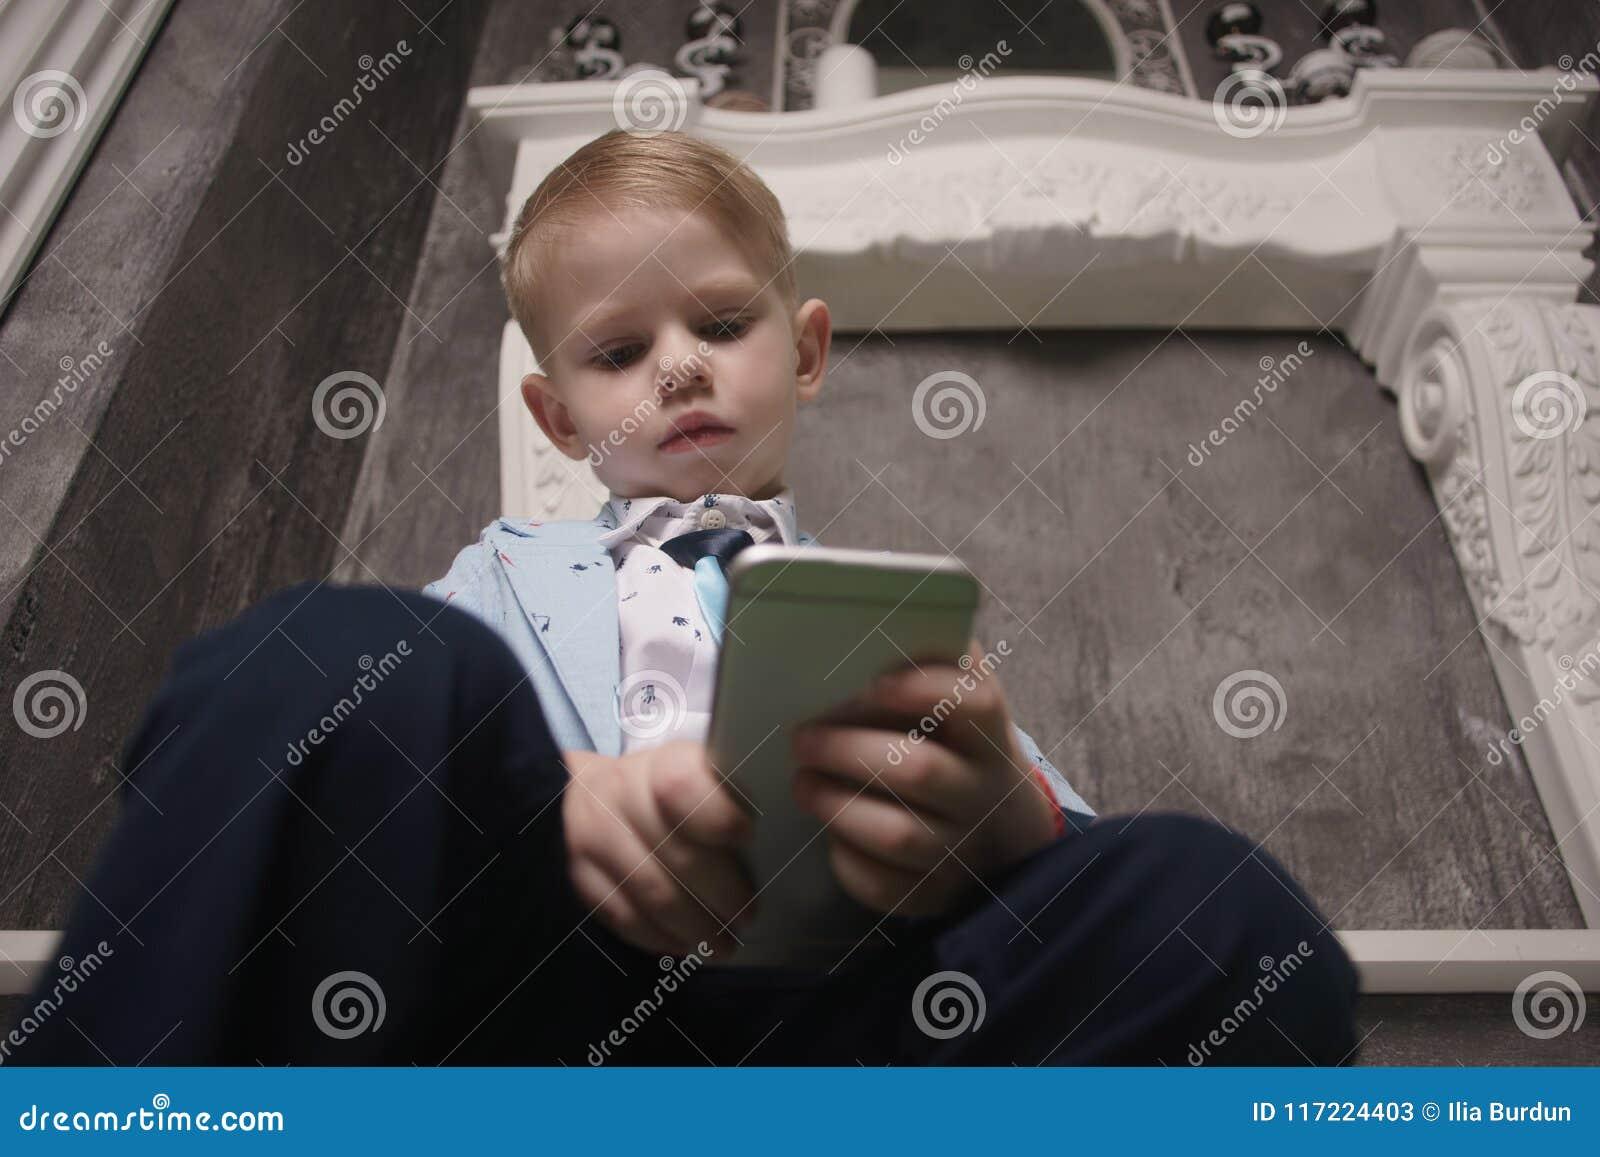 Pojke som spelar smartphonen på säng Hållande ögonen på smartphone ungebrukstelefon och leklek barnbruksmobil hemfallen lek och